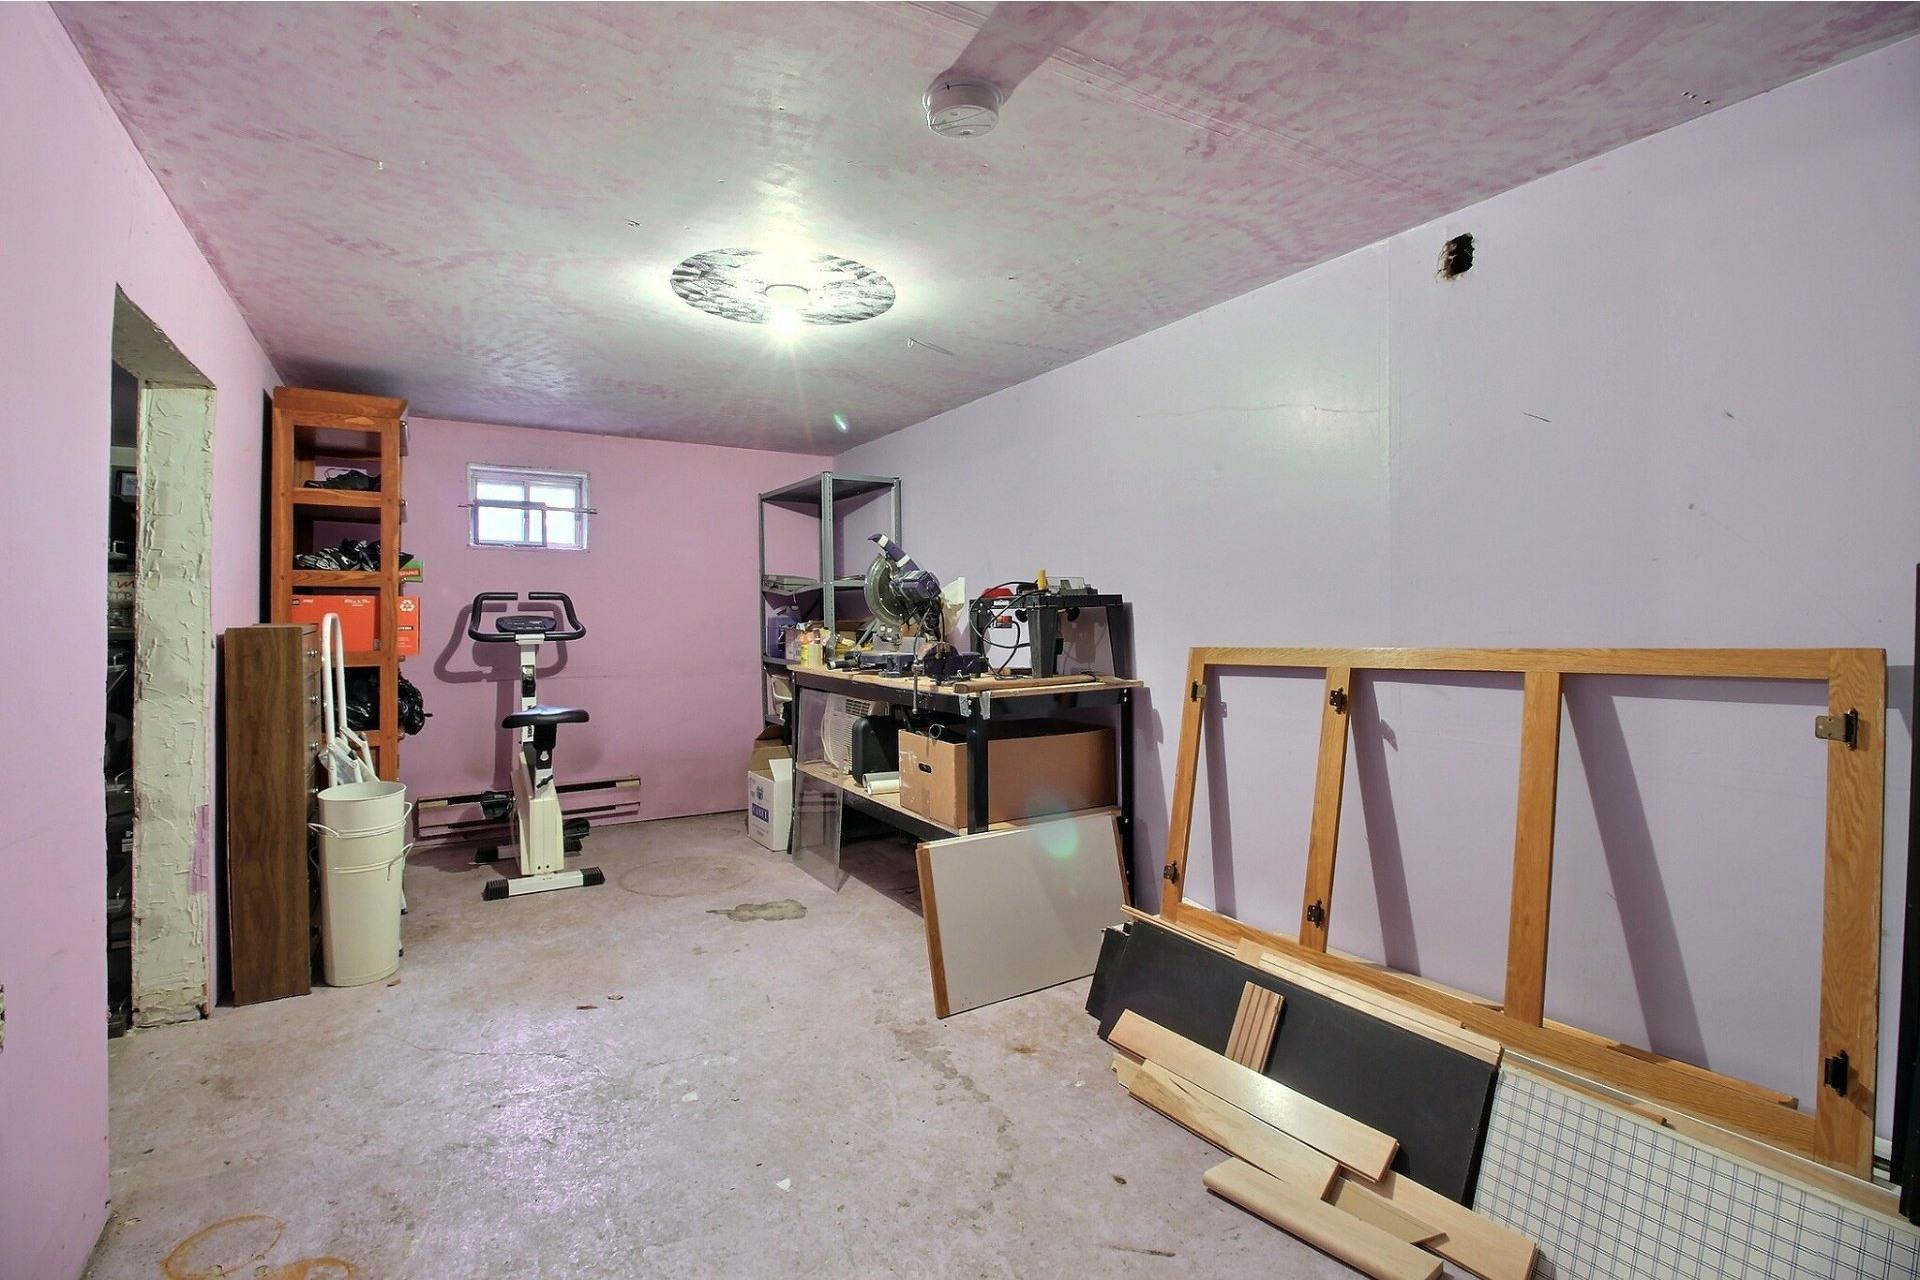 image 21 - Appartement À vendre Rivière-des-Prairies/Pointe-aux-Trembles Montréal  - 5 pièces